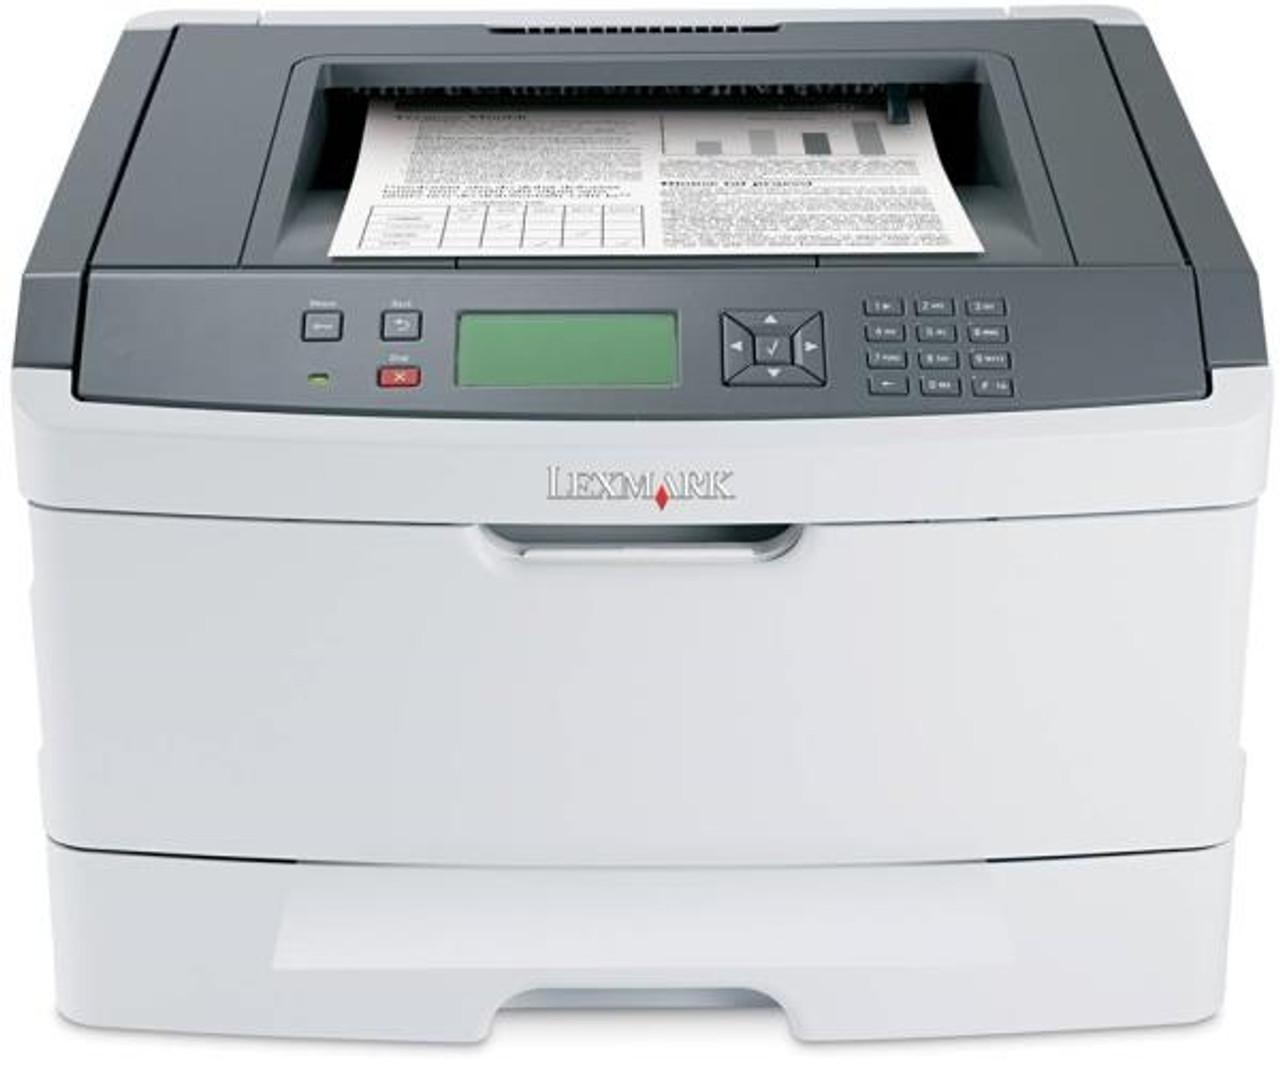 Lexmark E460dn - 34S0700 - Lexmark Laser Printer for sale